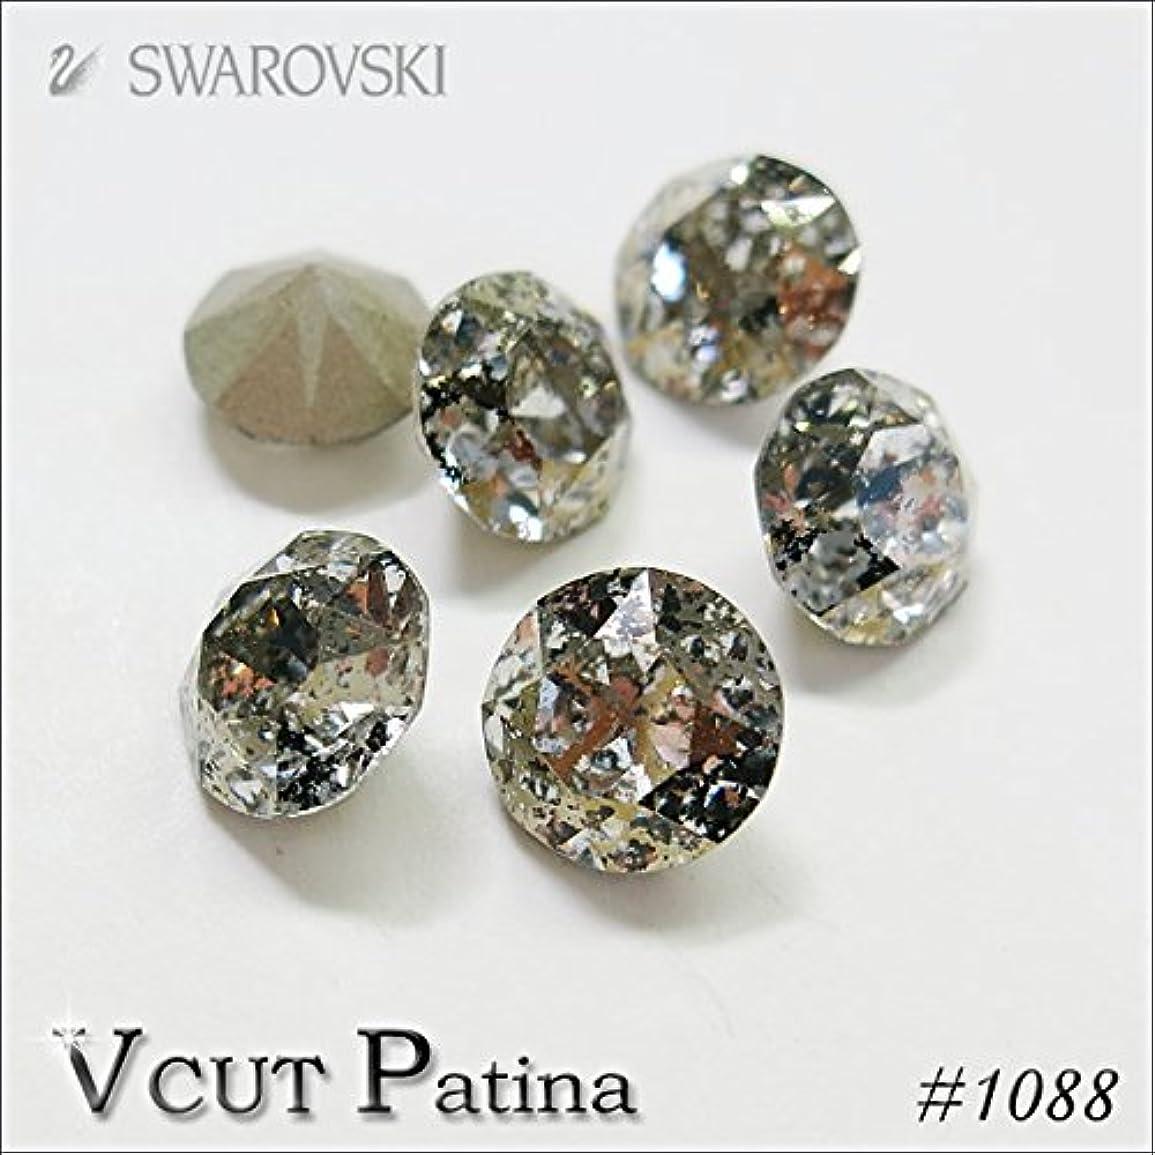 多分実質的太平洋諸島スワロフスキー Vカット(埋込型) #1088 ●パティナシリーズ● クリスタルゴールドパティナ ss29(約6.2mm) 3粒入